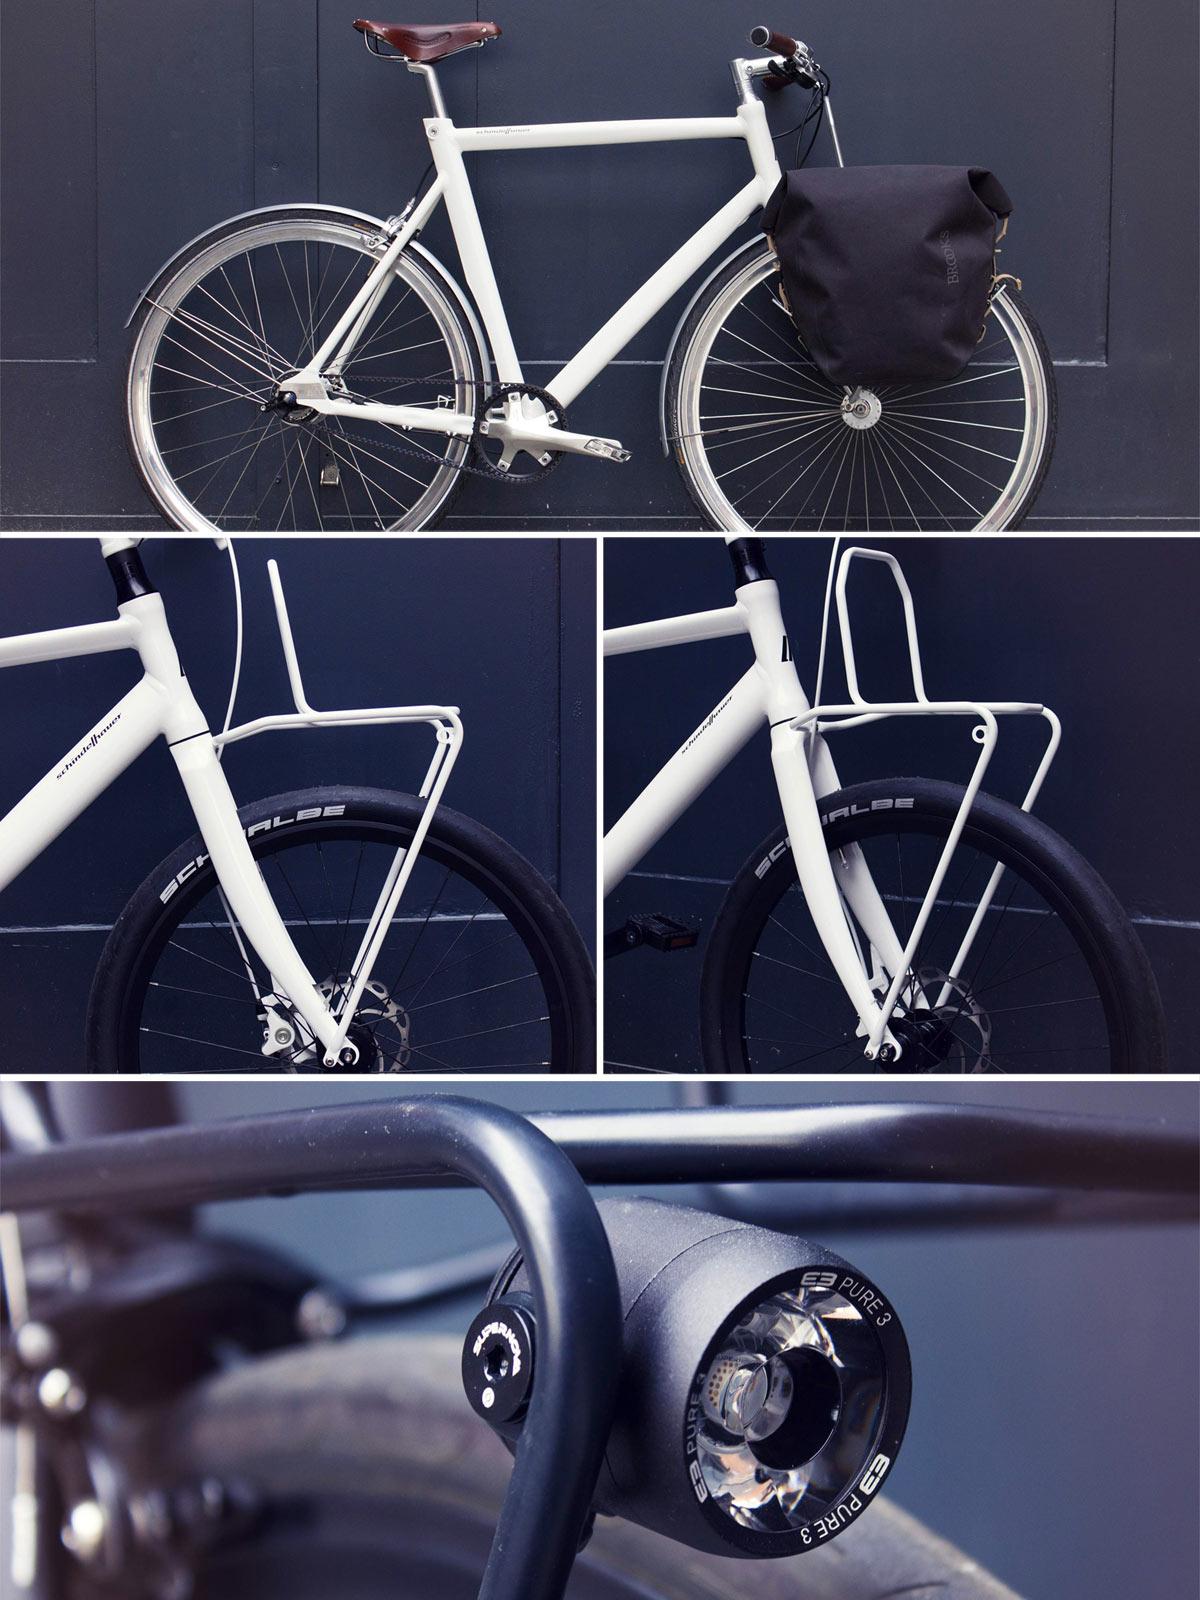 bfs15_schindelhauer_tubylar-steel_porteur-style_front-pannier-rack_details.jpg